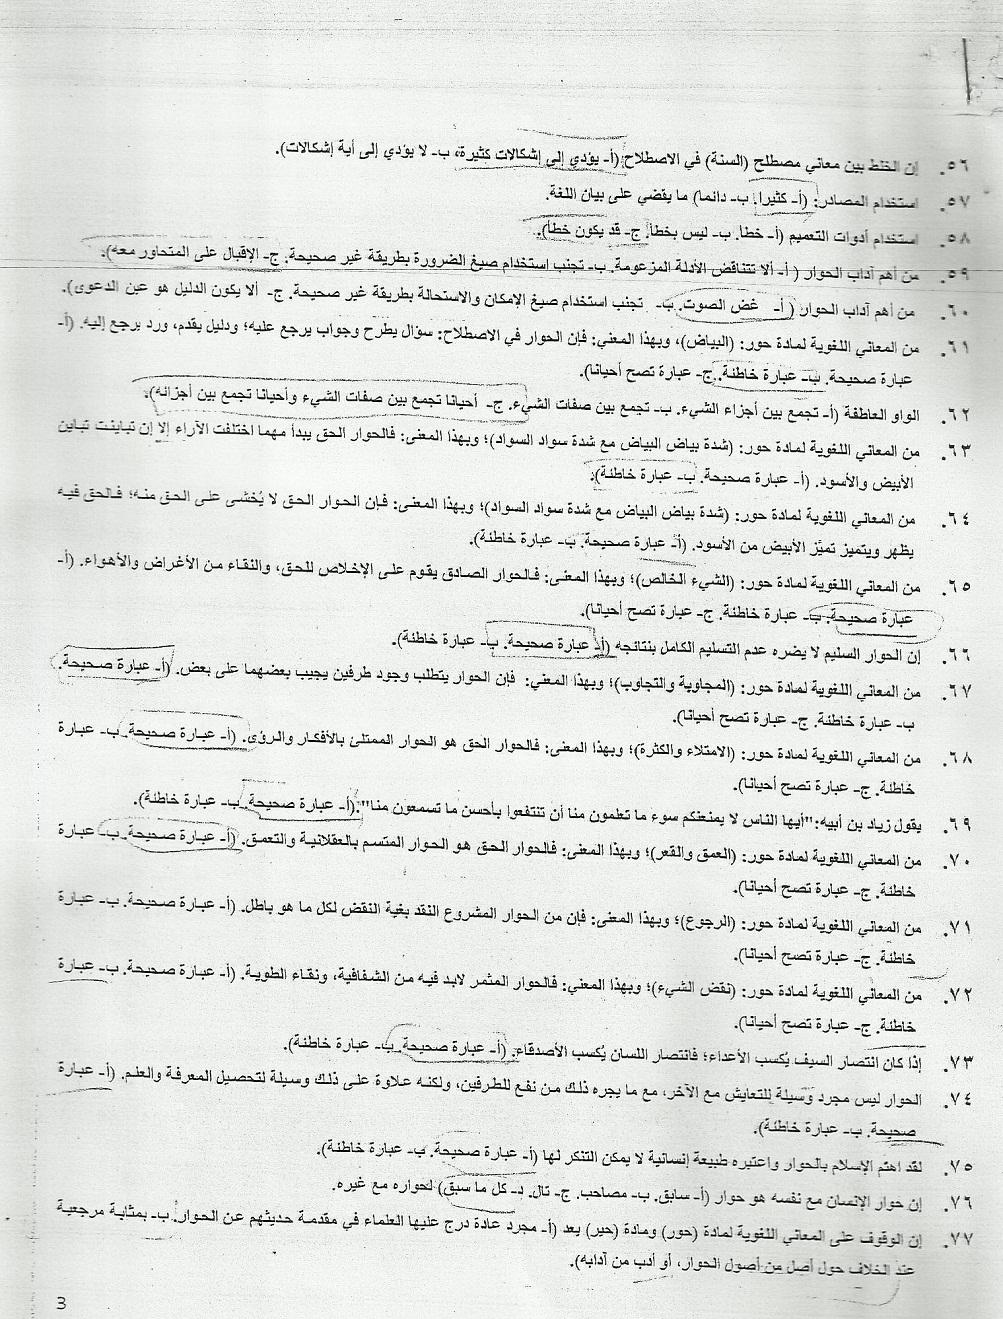 اسئلة اختبار مادة أصول الحوار آدابه الفصل الدراسي الأول 1433هـ JVCf2.jpg